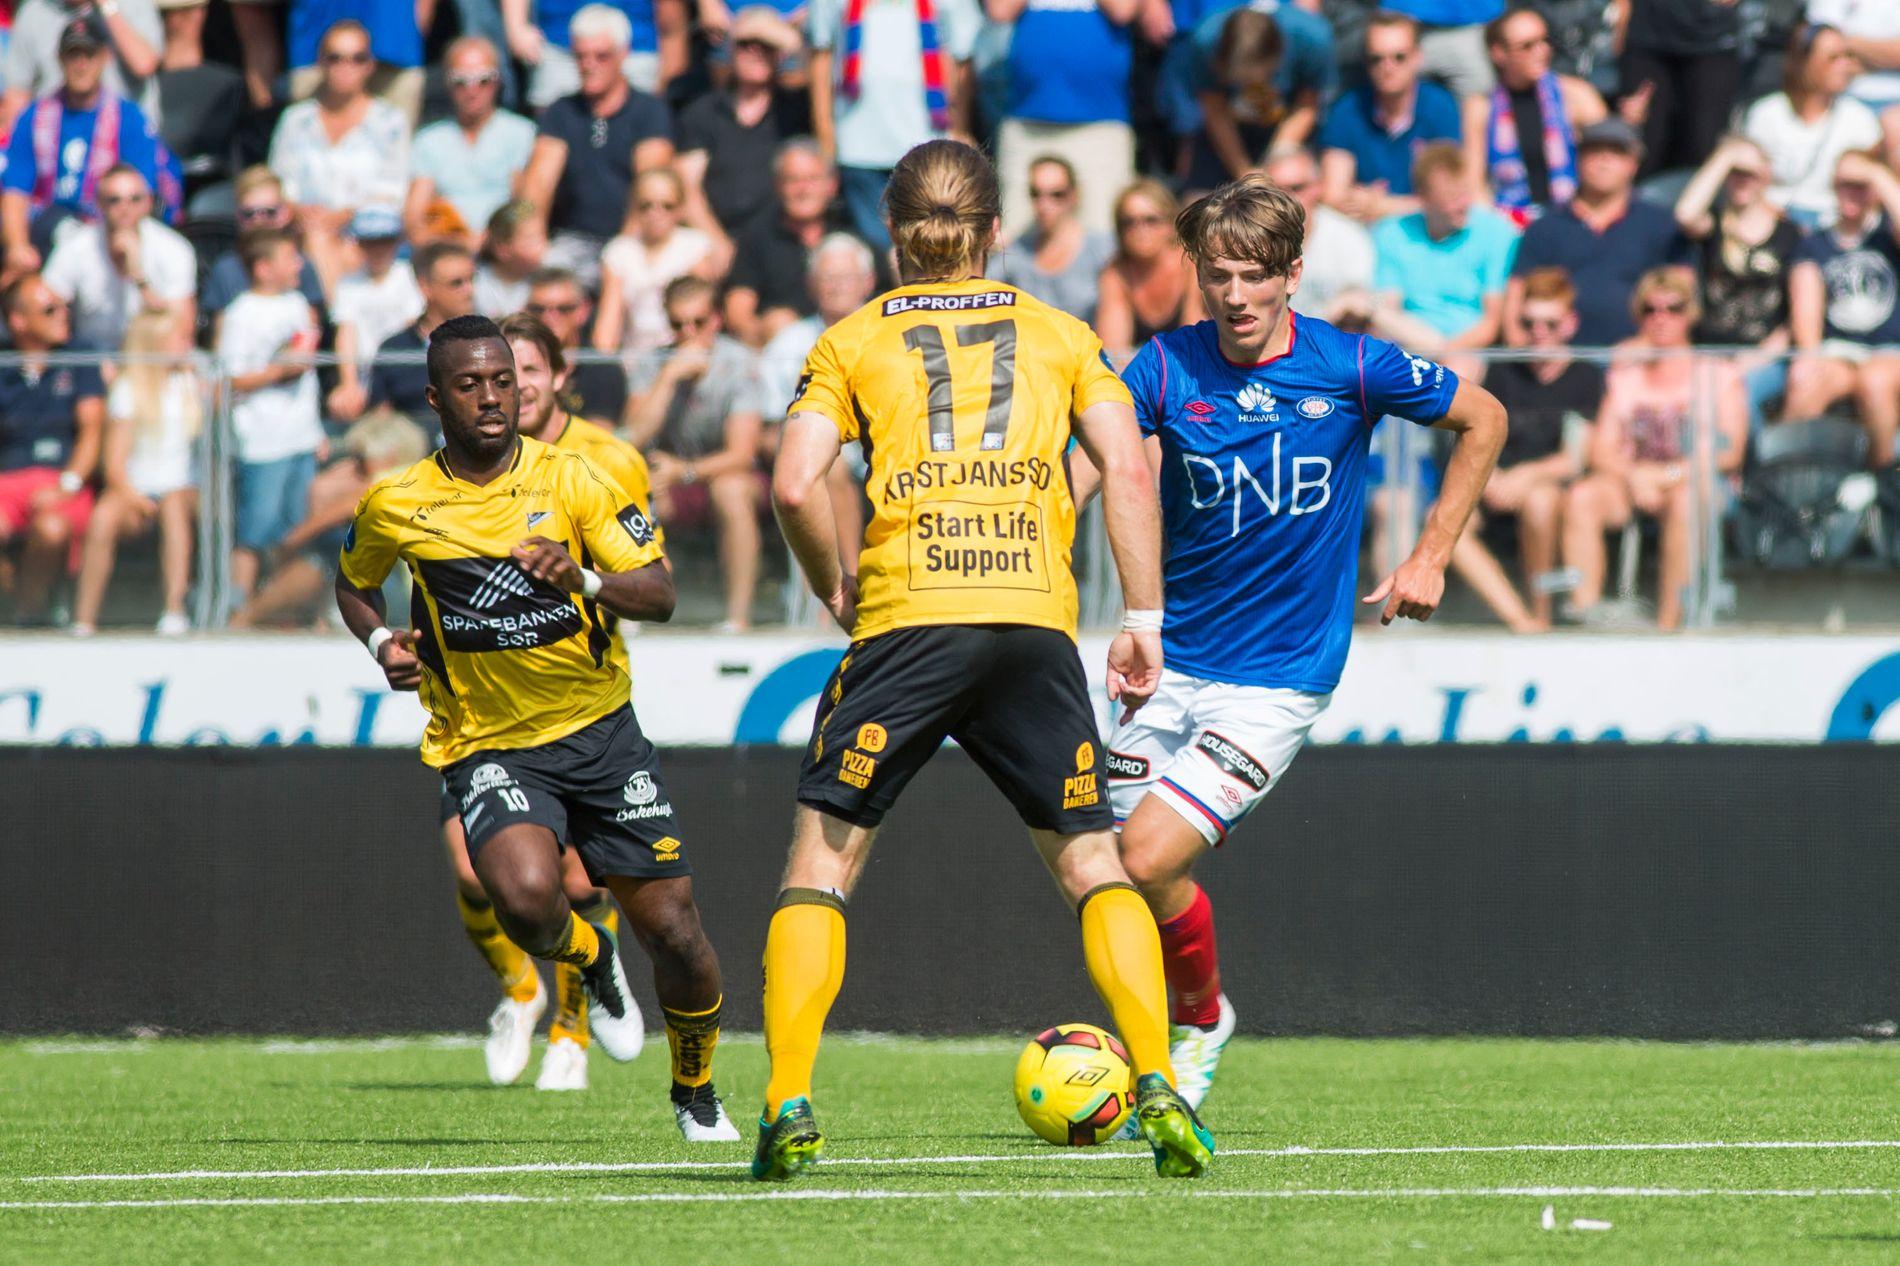 FÅR SKRYT: Vålerengas Sander Berge får skryt av sjefen etter kampen mot Start. Her i duell mot Starts Gudmundur Kristjnsson.